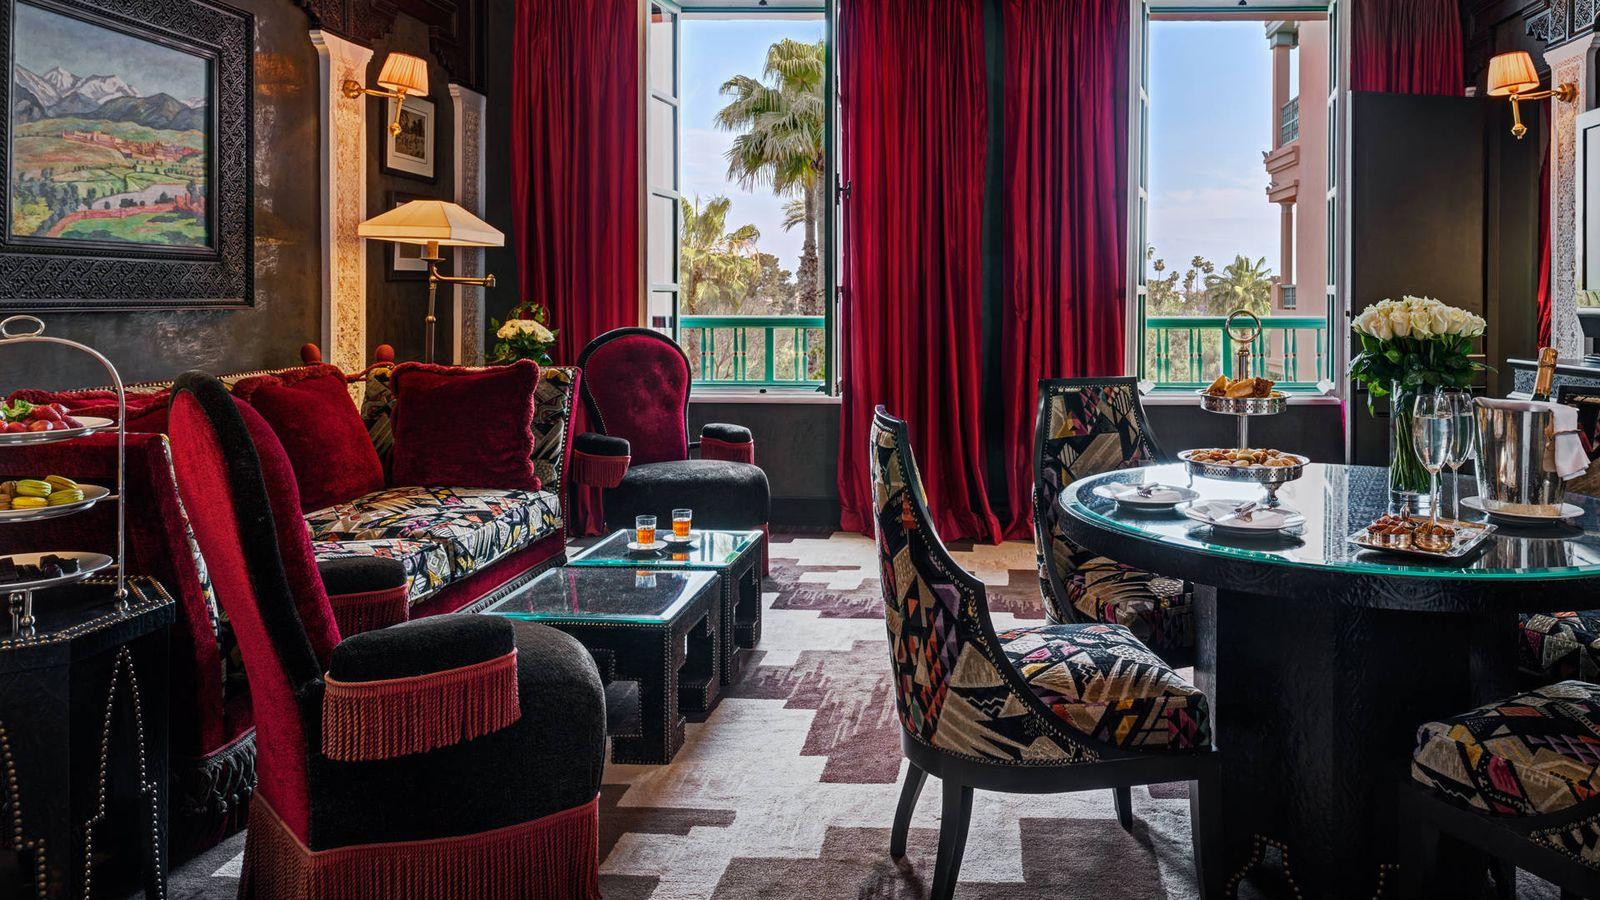 Foto: Hotel La Mamunia, en Marrakech. (Foto: Alan Keohane/Cortesía)